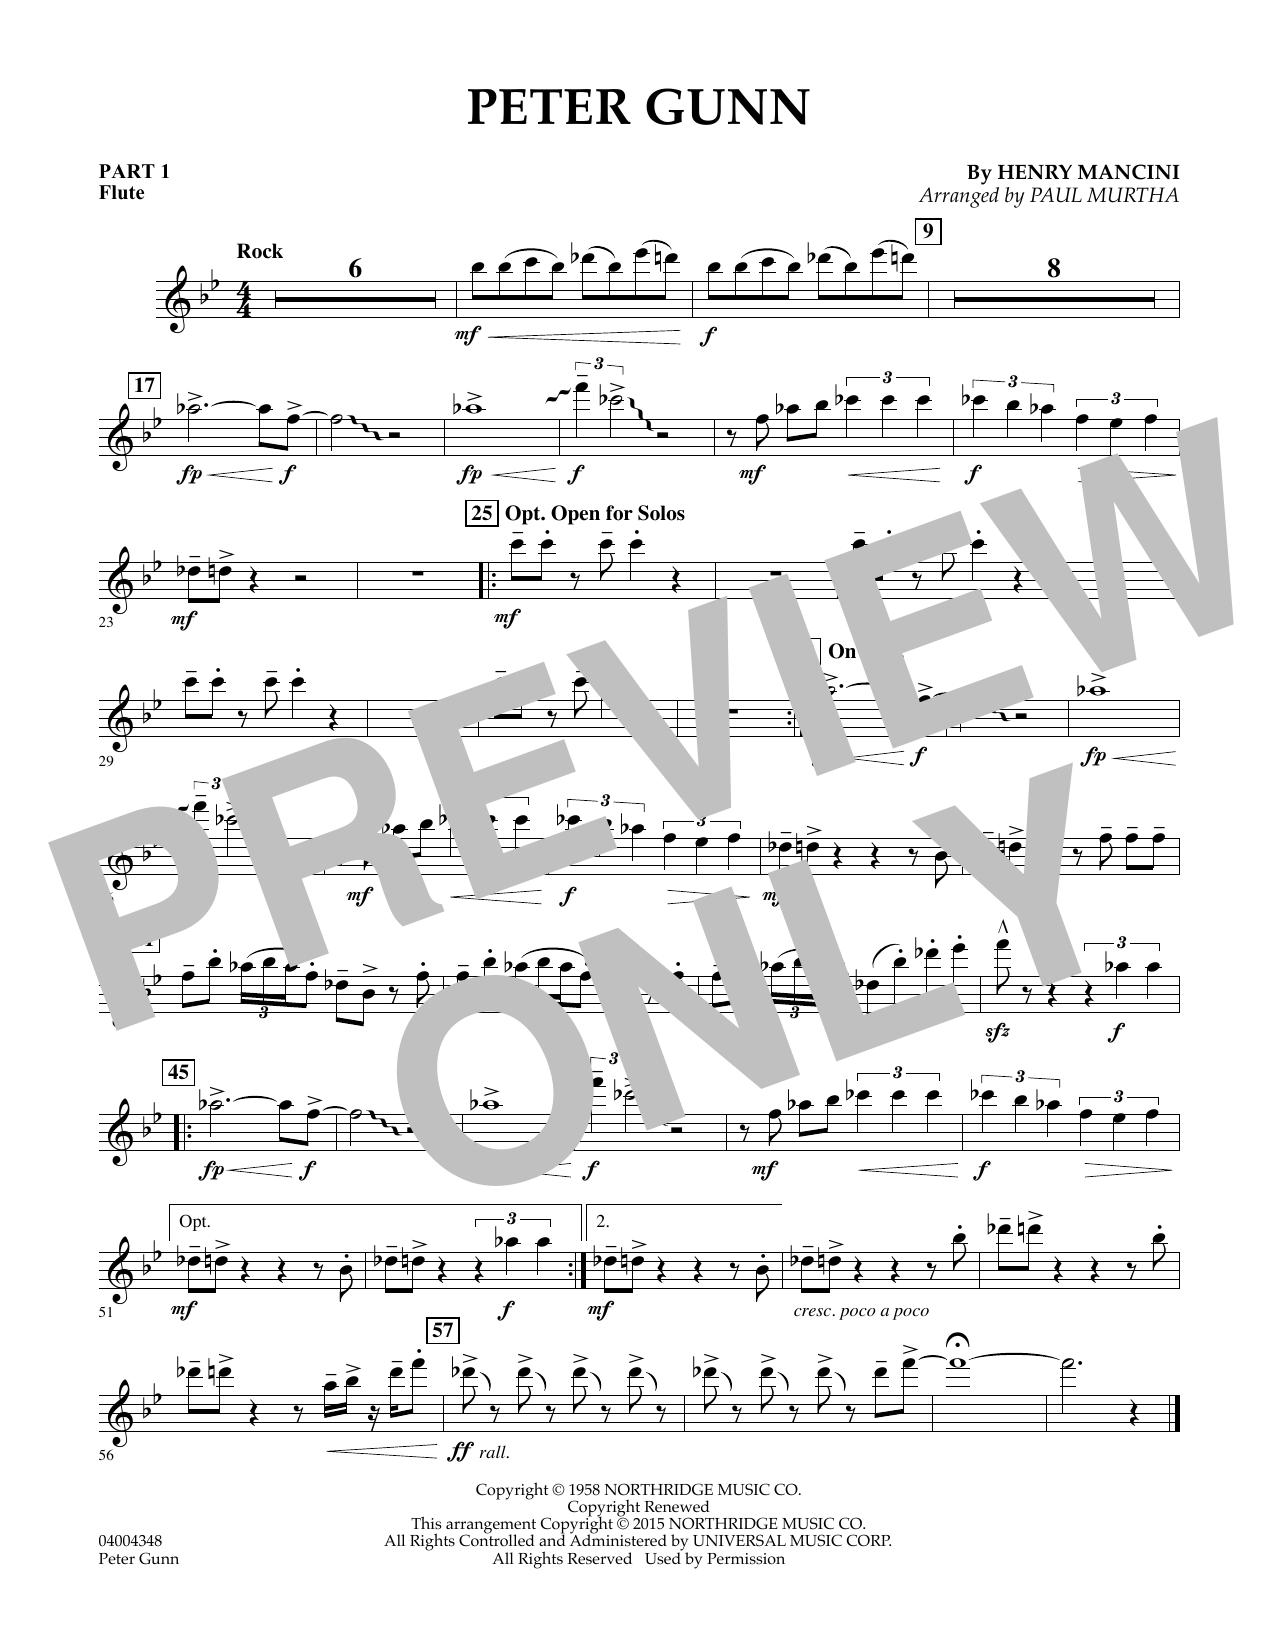 Peter Gunn - Pt.1 - Flute (Flex-Band)